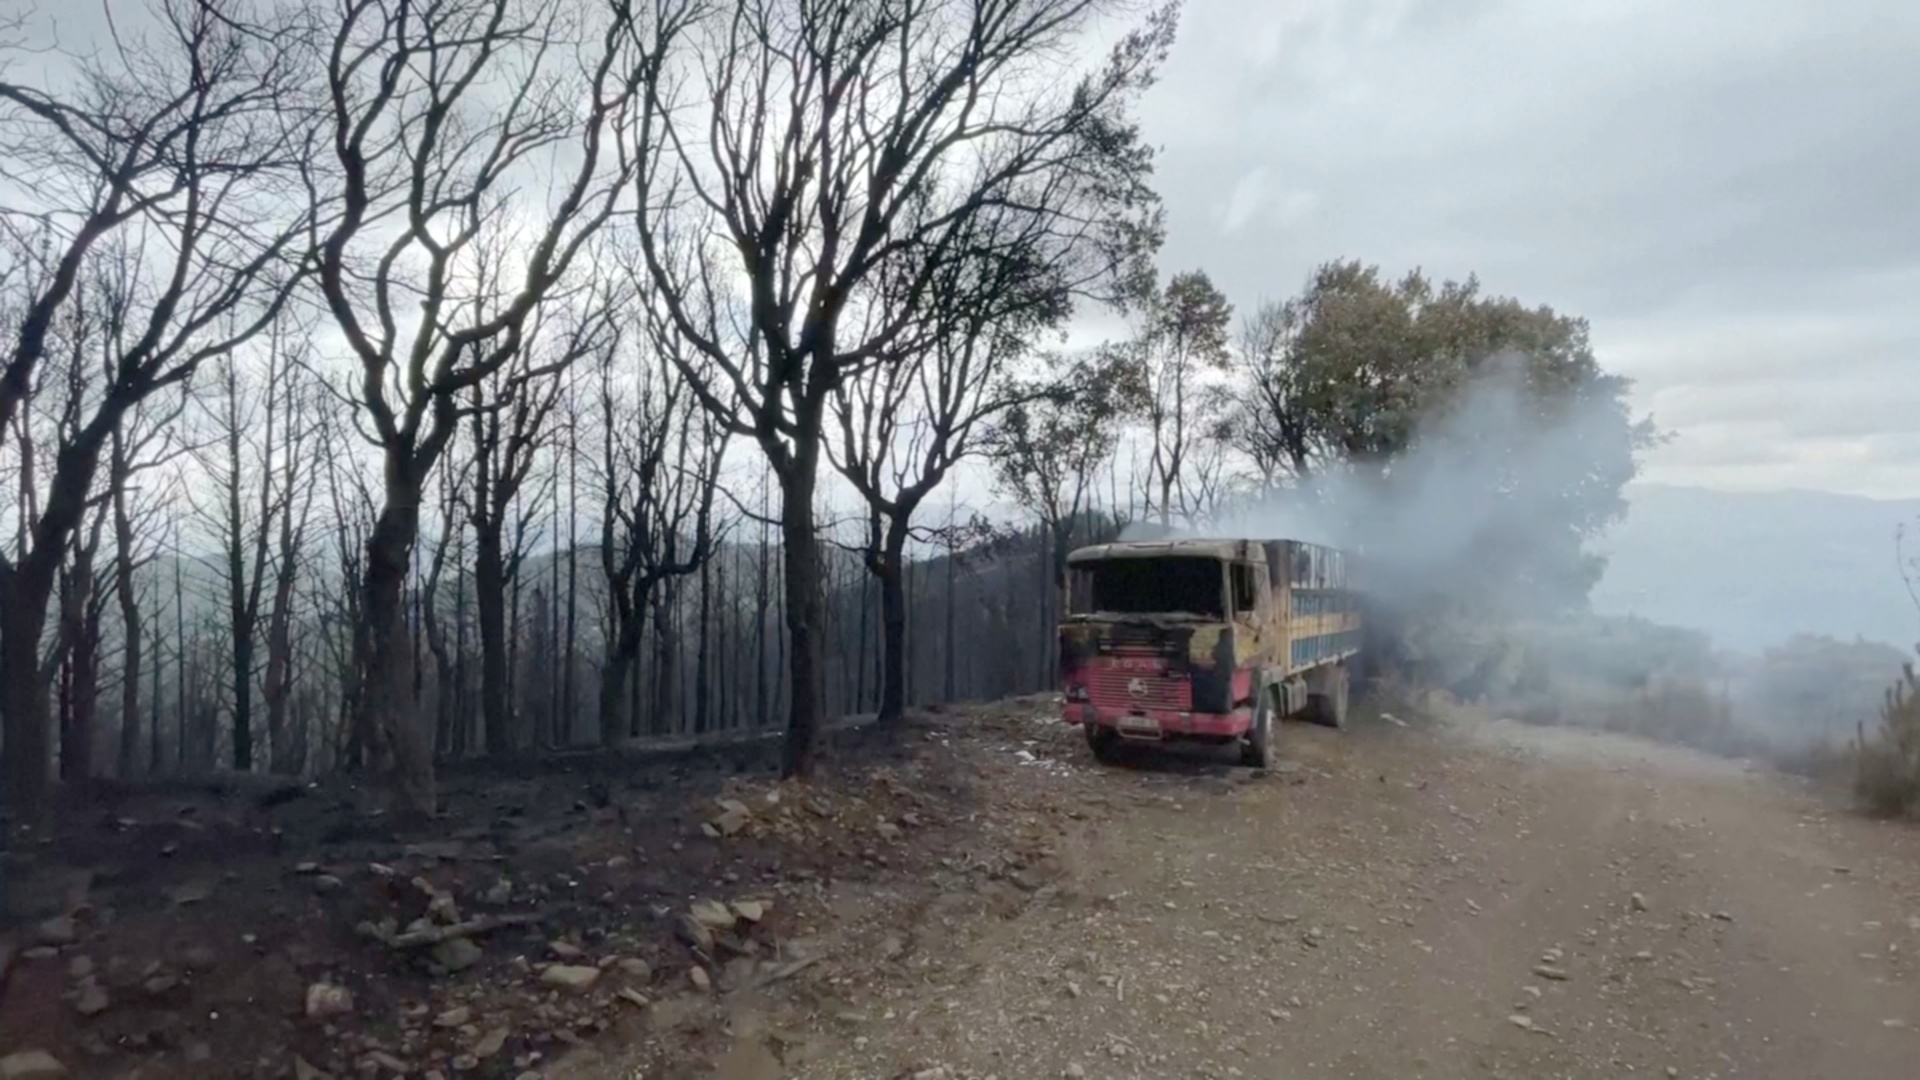 Ветеринары вышли искать обгоревших животных после пожара в Испании